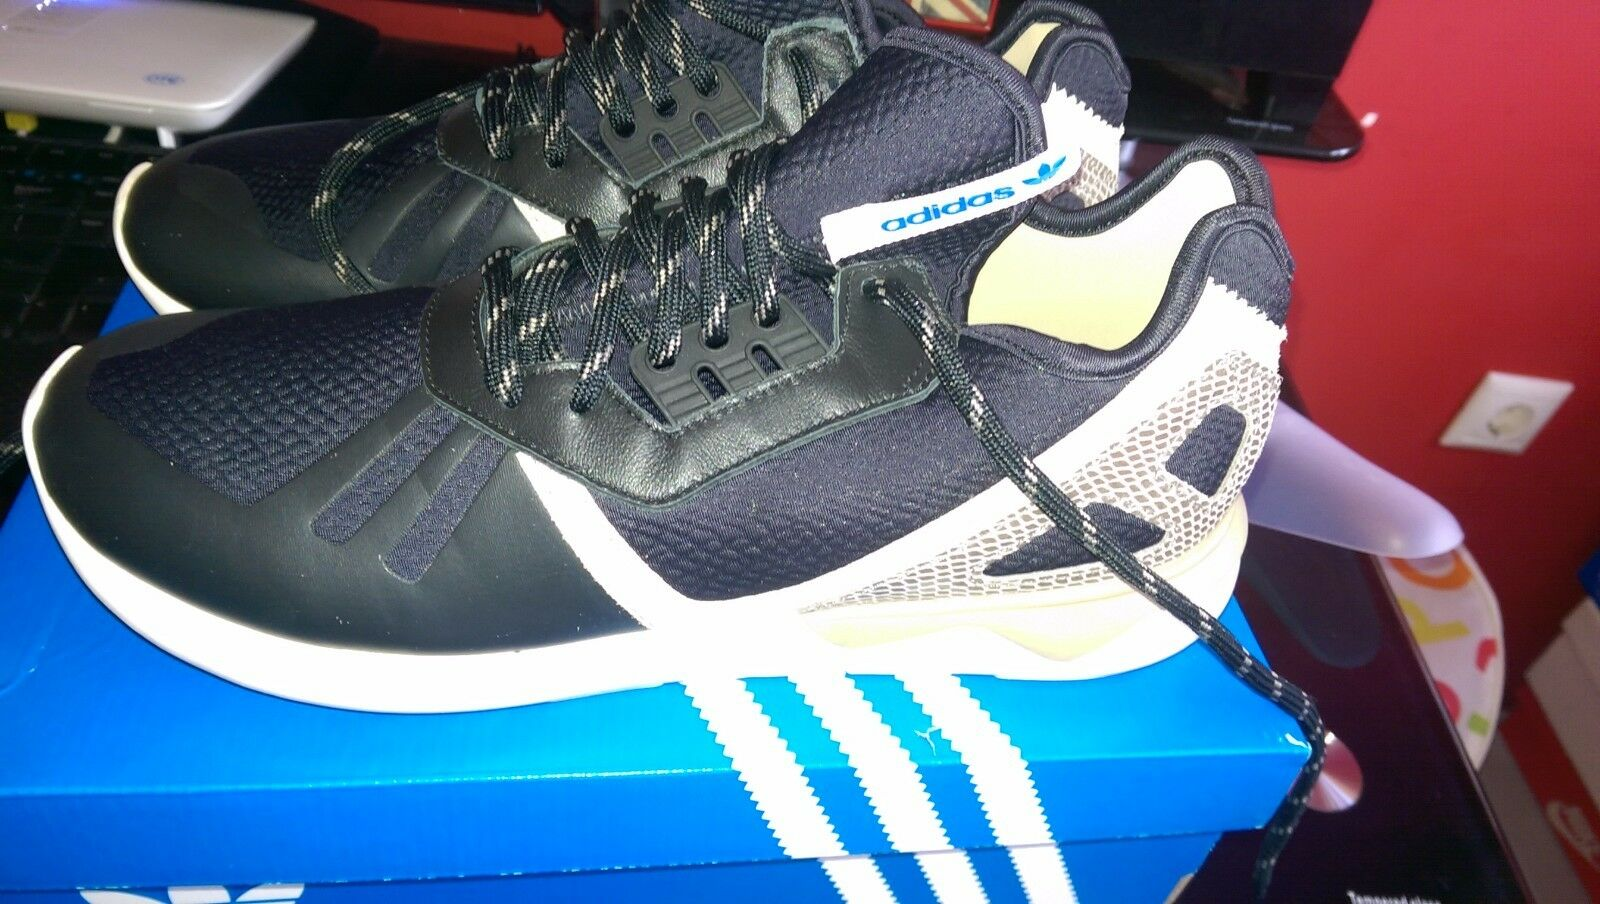 Nike Air Jordan formula 23 Low Hombres Zapatillas Zapatillas Hombres zapatillas calzado deportivo zapatos nuevo ca9a59